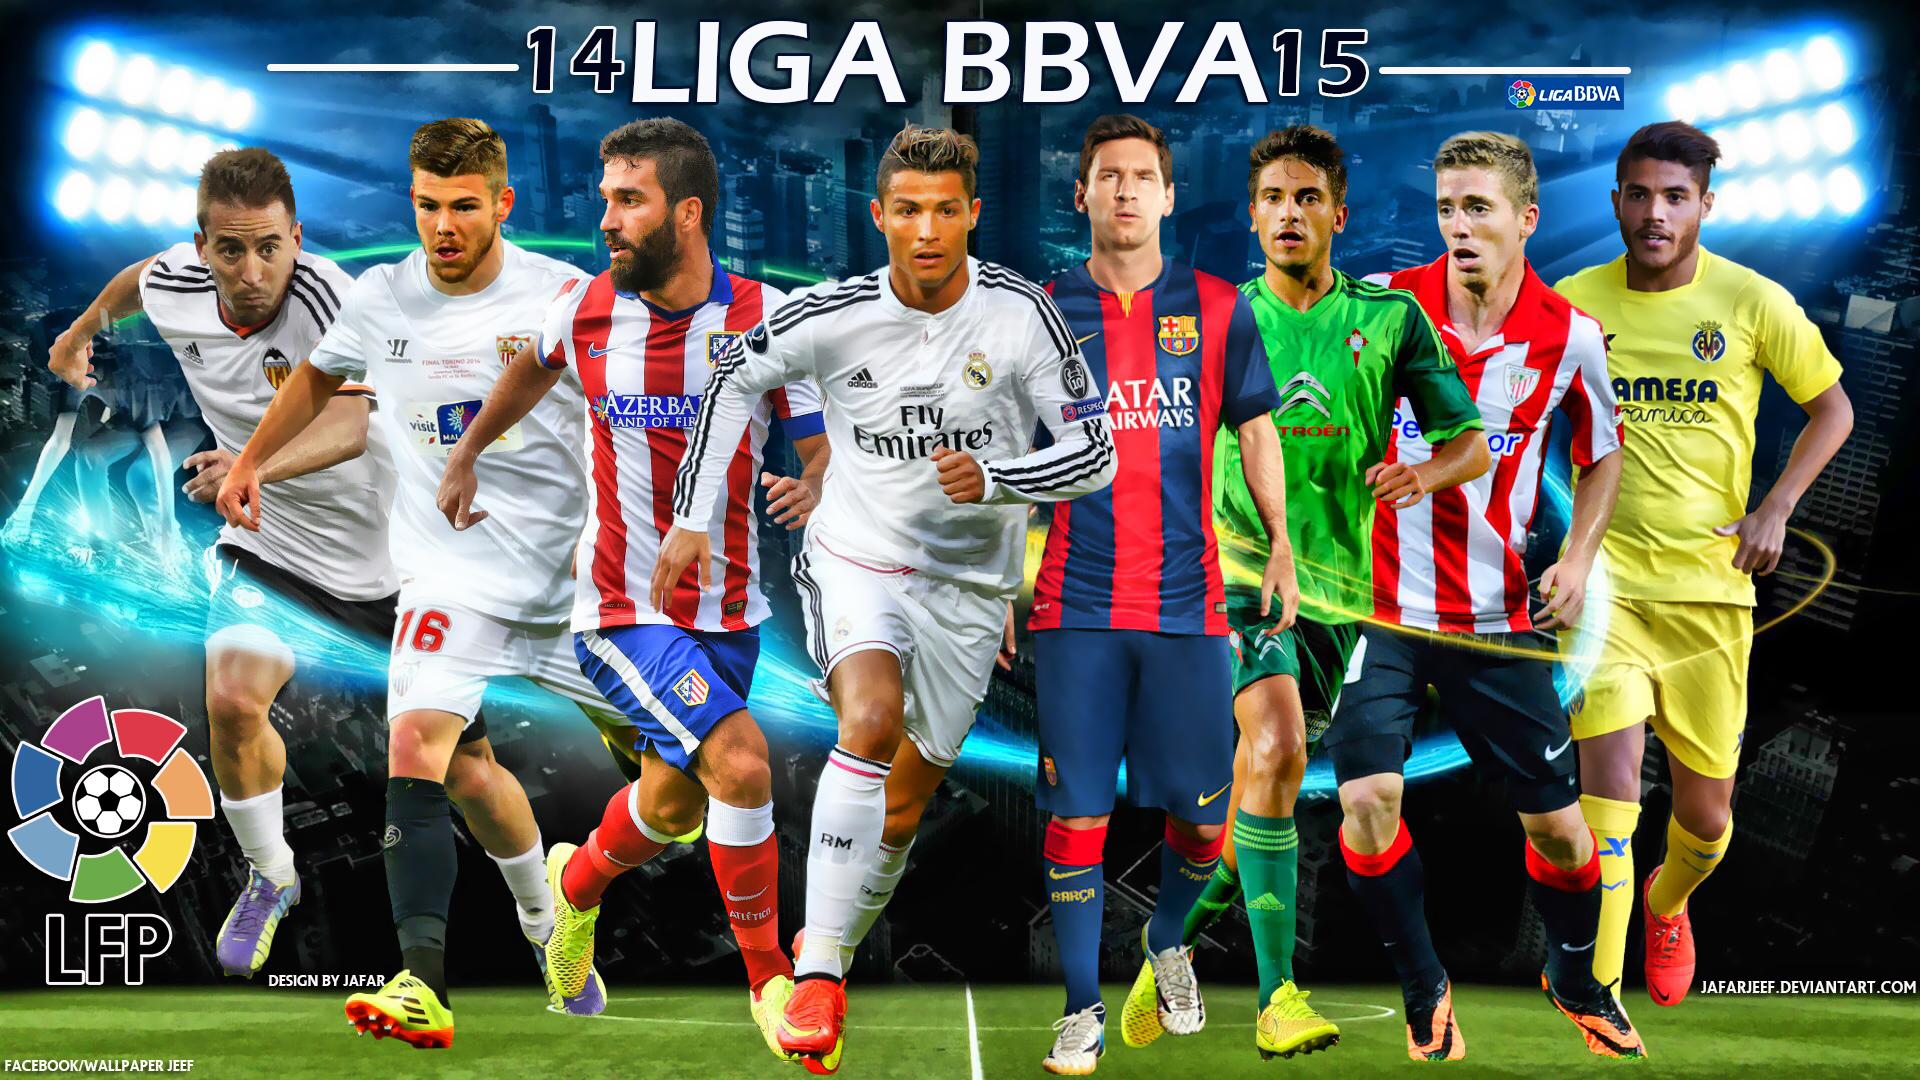 Liga-BBVA-2014-2015-Football-Stars-Wallpaper